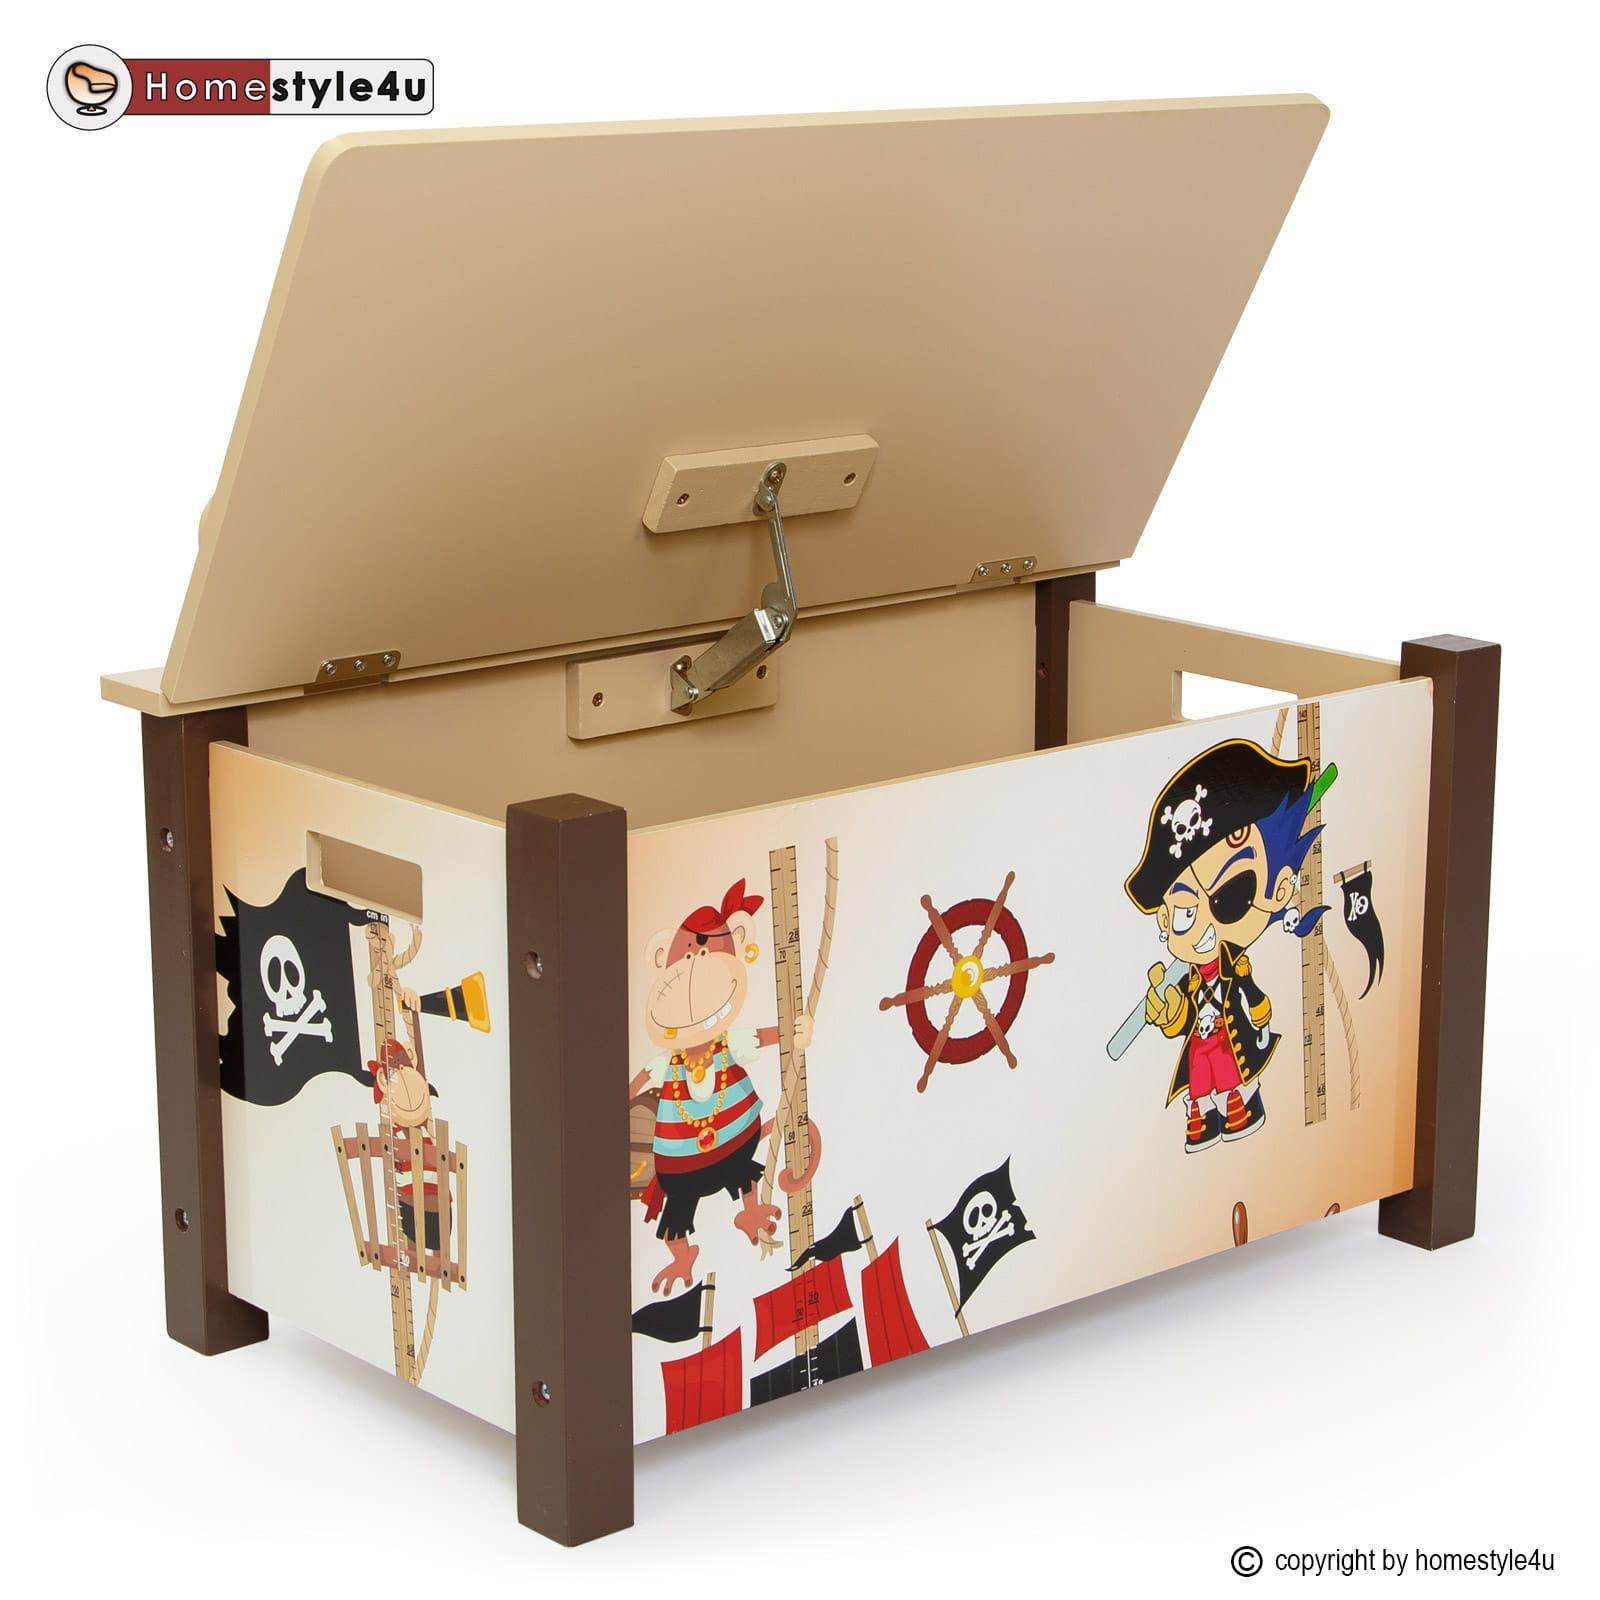 Skrzynia na zabawki pirat br zowa sklep internetowy for Holzkiste kinderzimmer